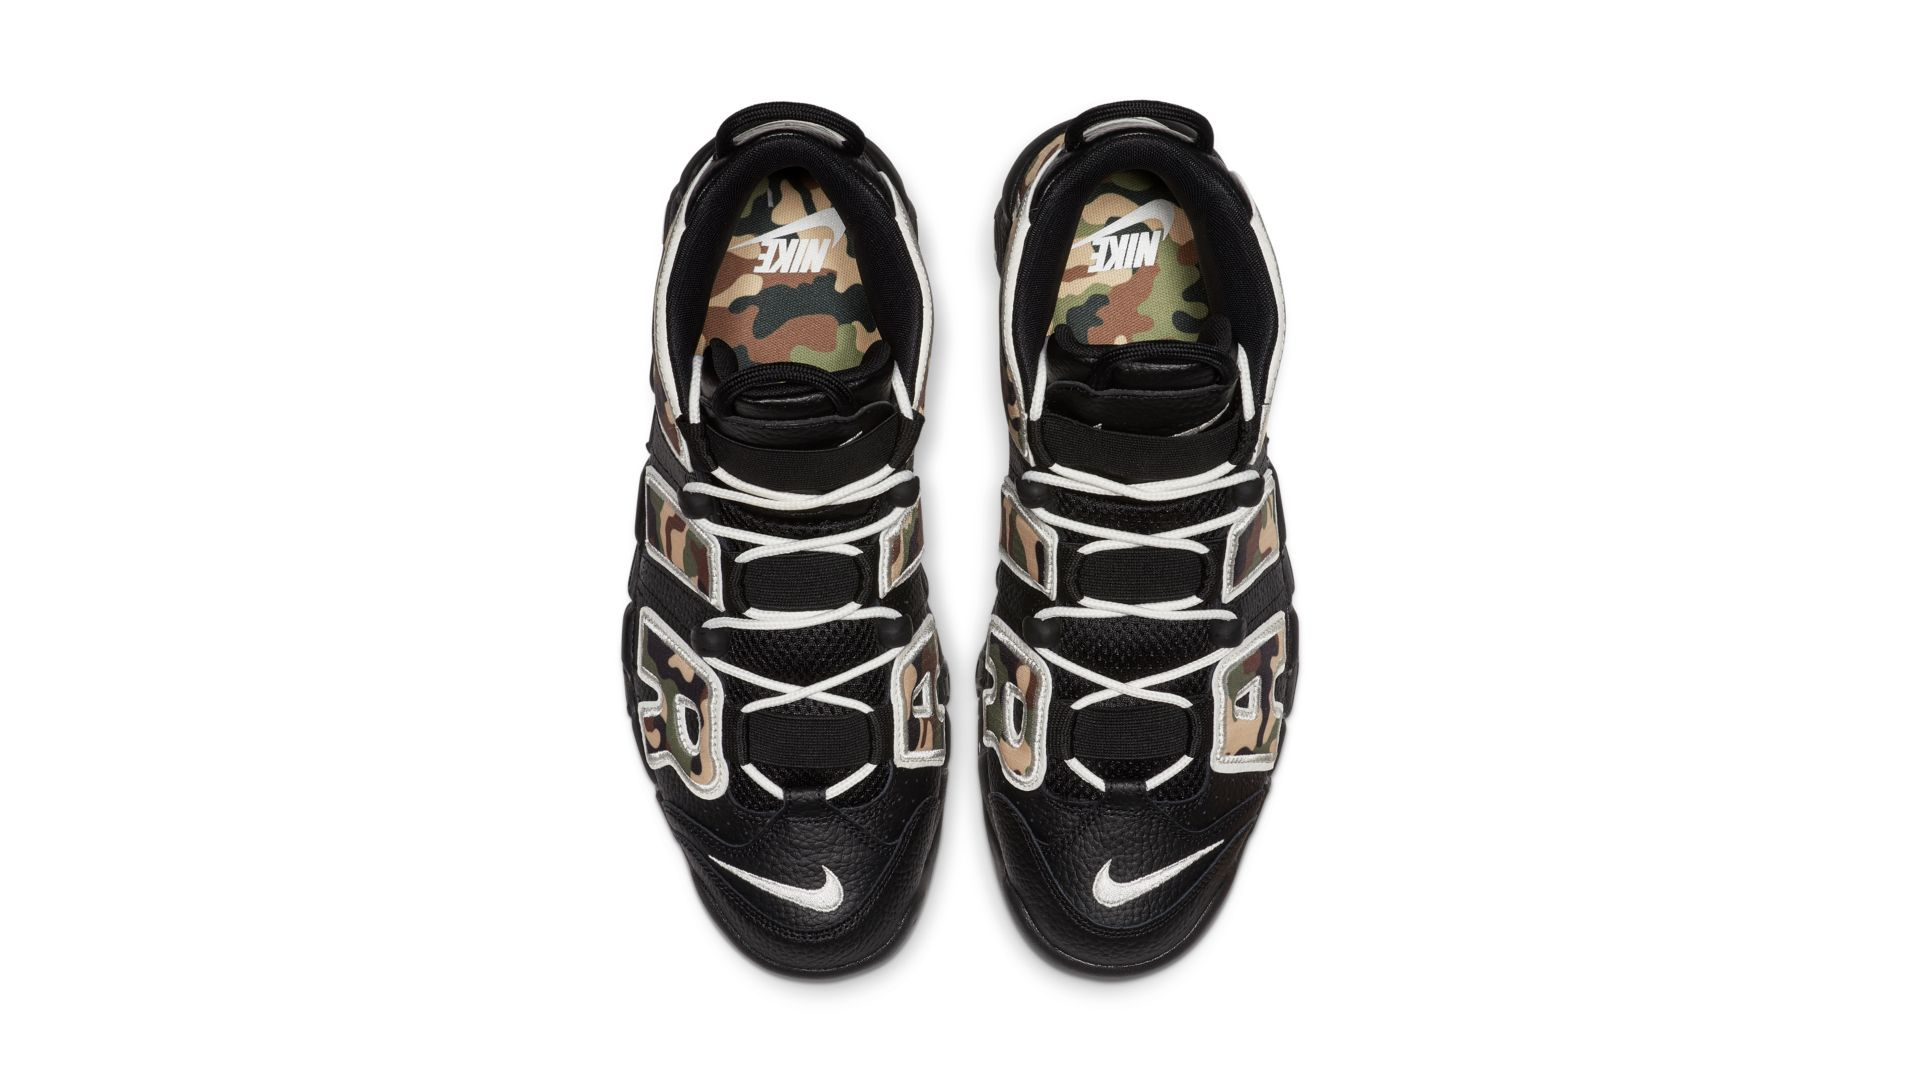 Nike Air More Uptempo 96 Camo (CJ6122-001)